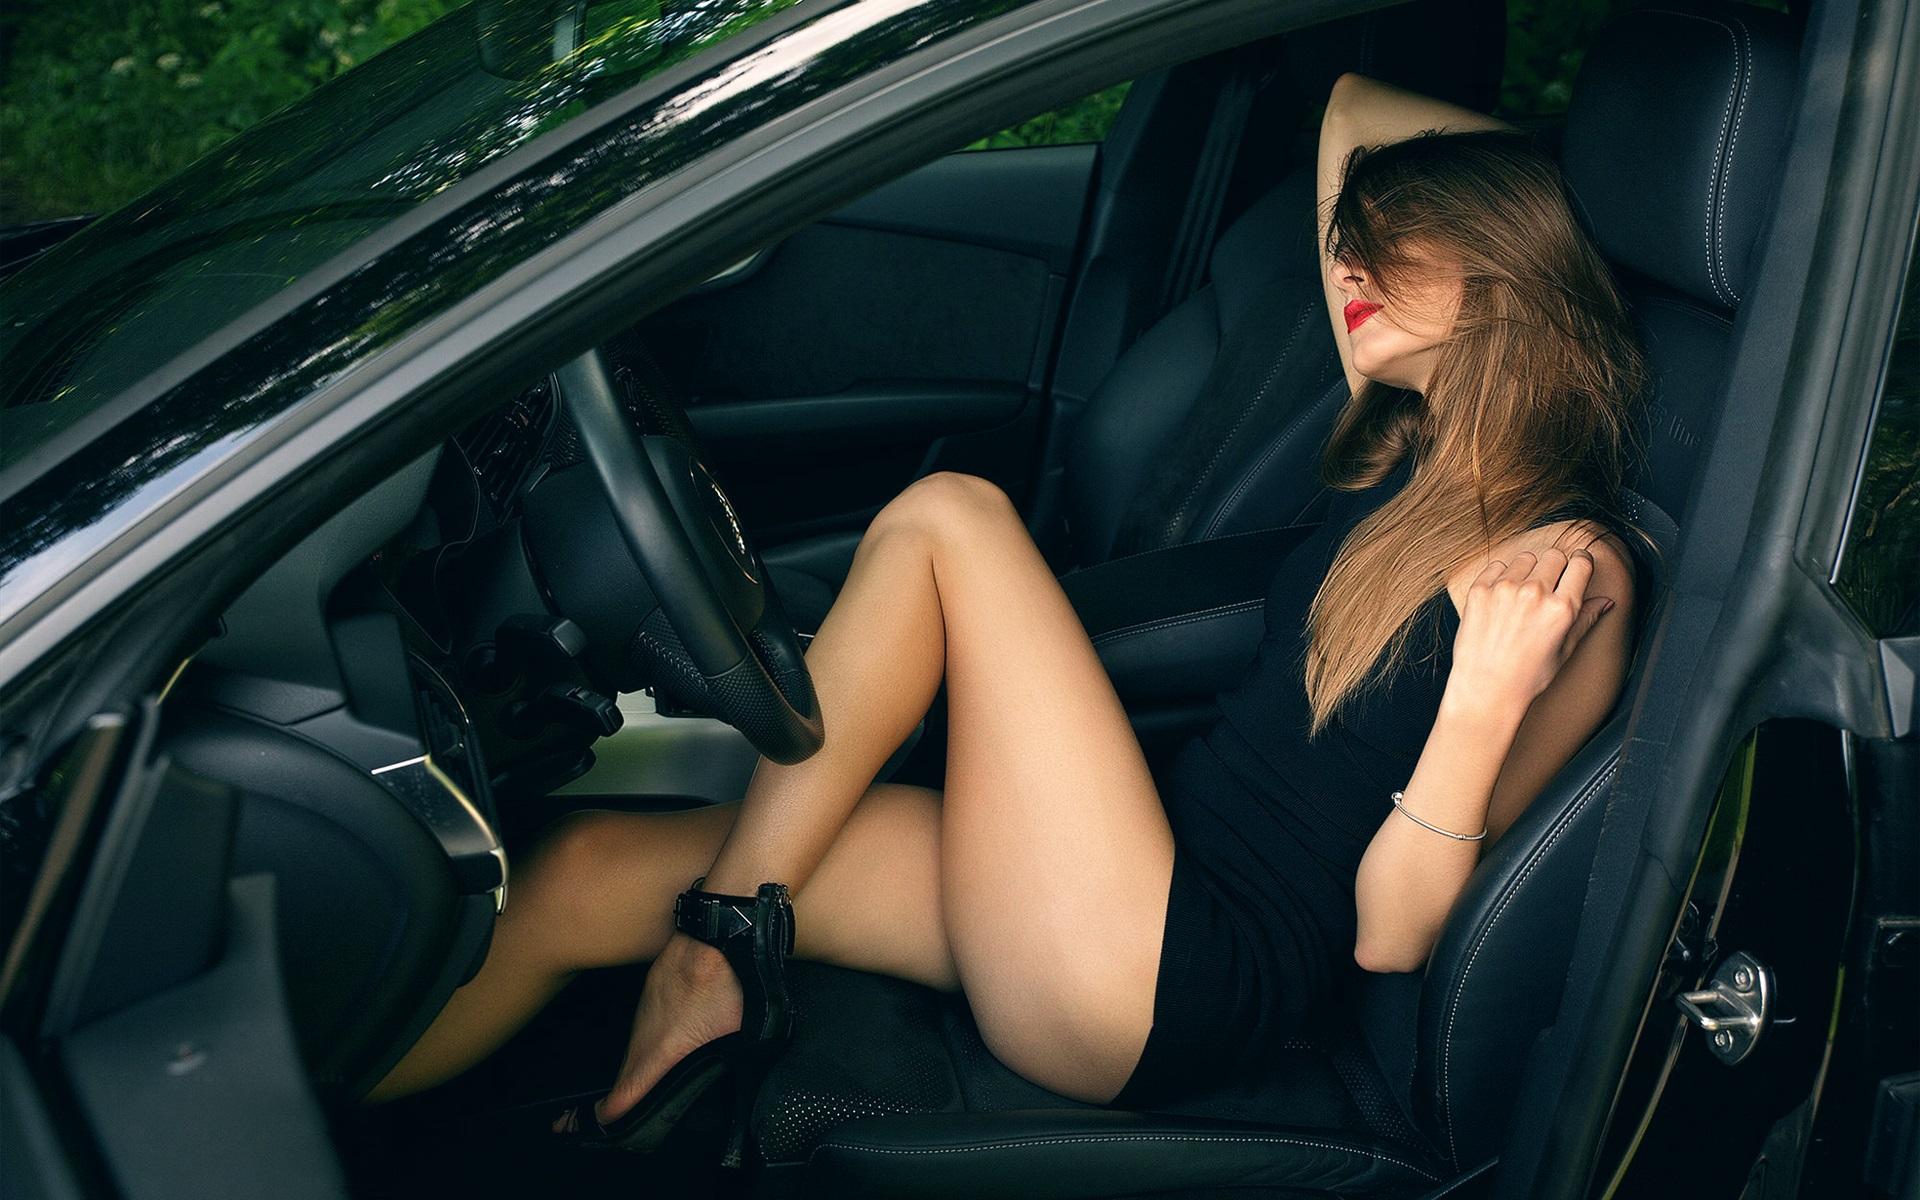 Ебли на заднем сиденье в машине